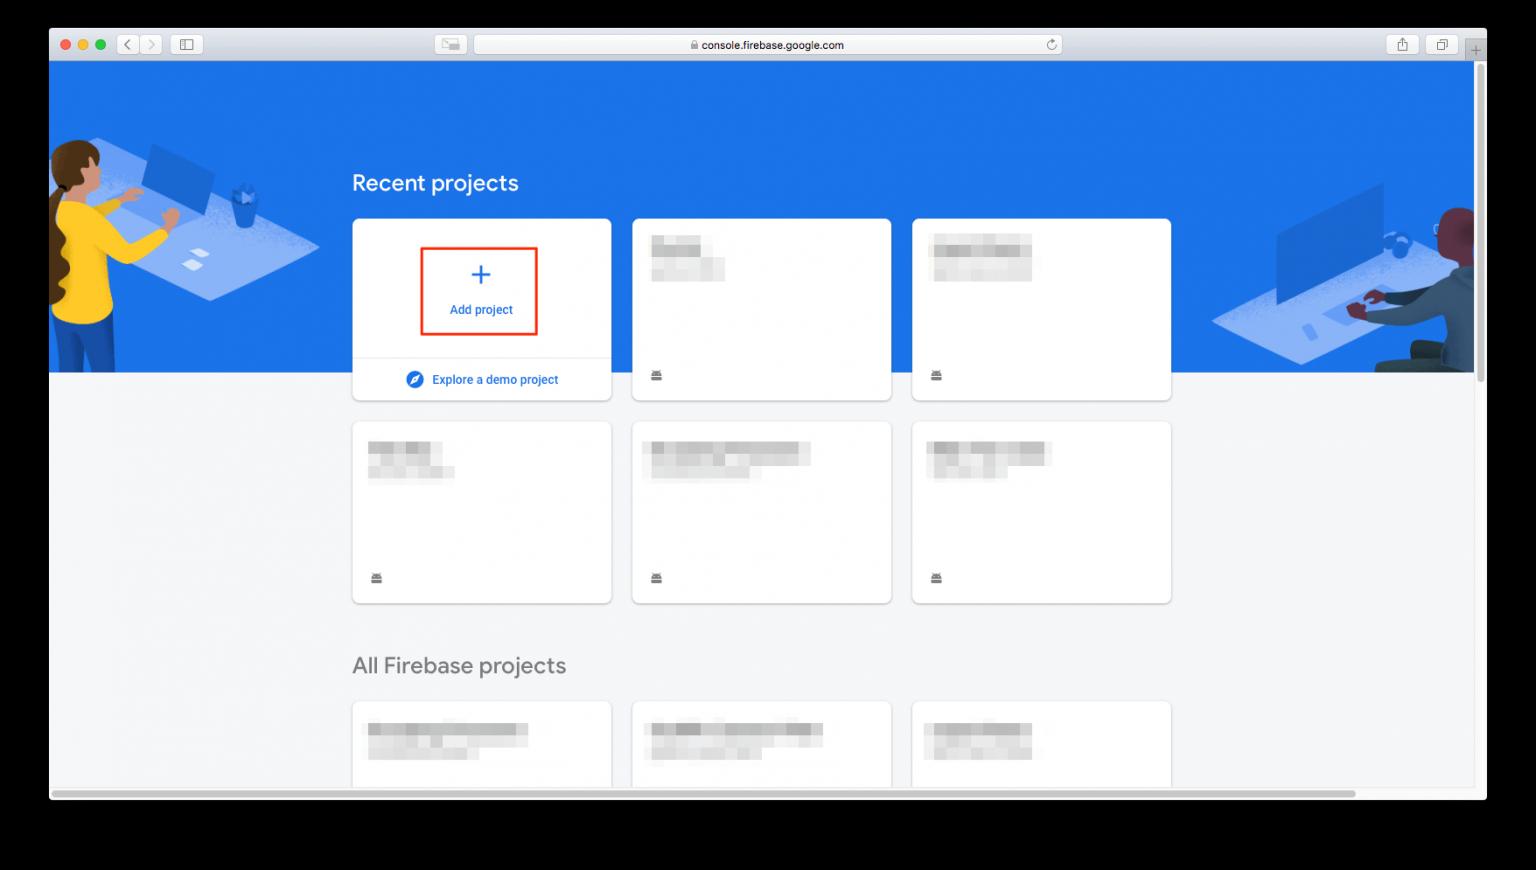 firebase-console-add-project-3-1536x870